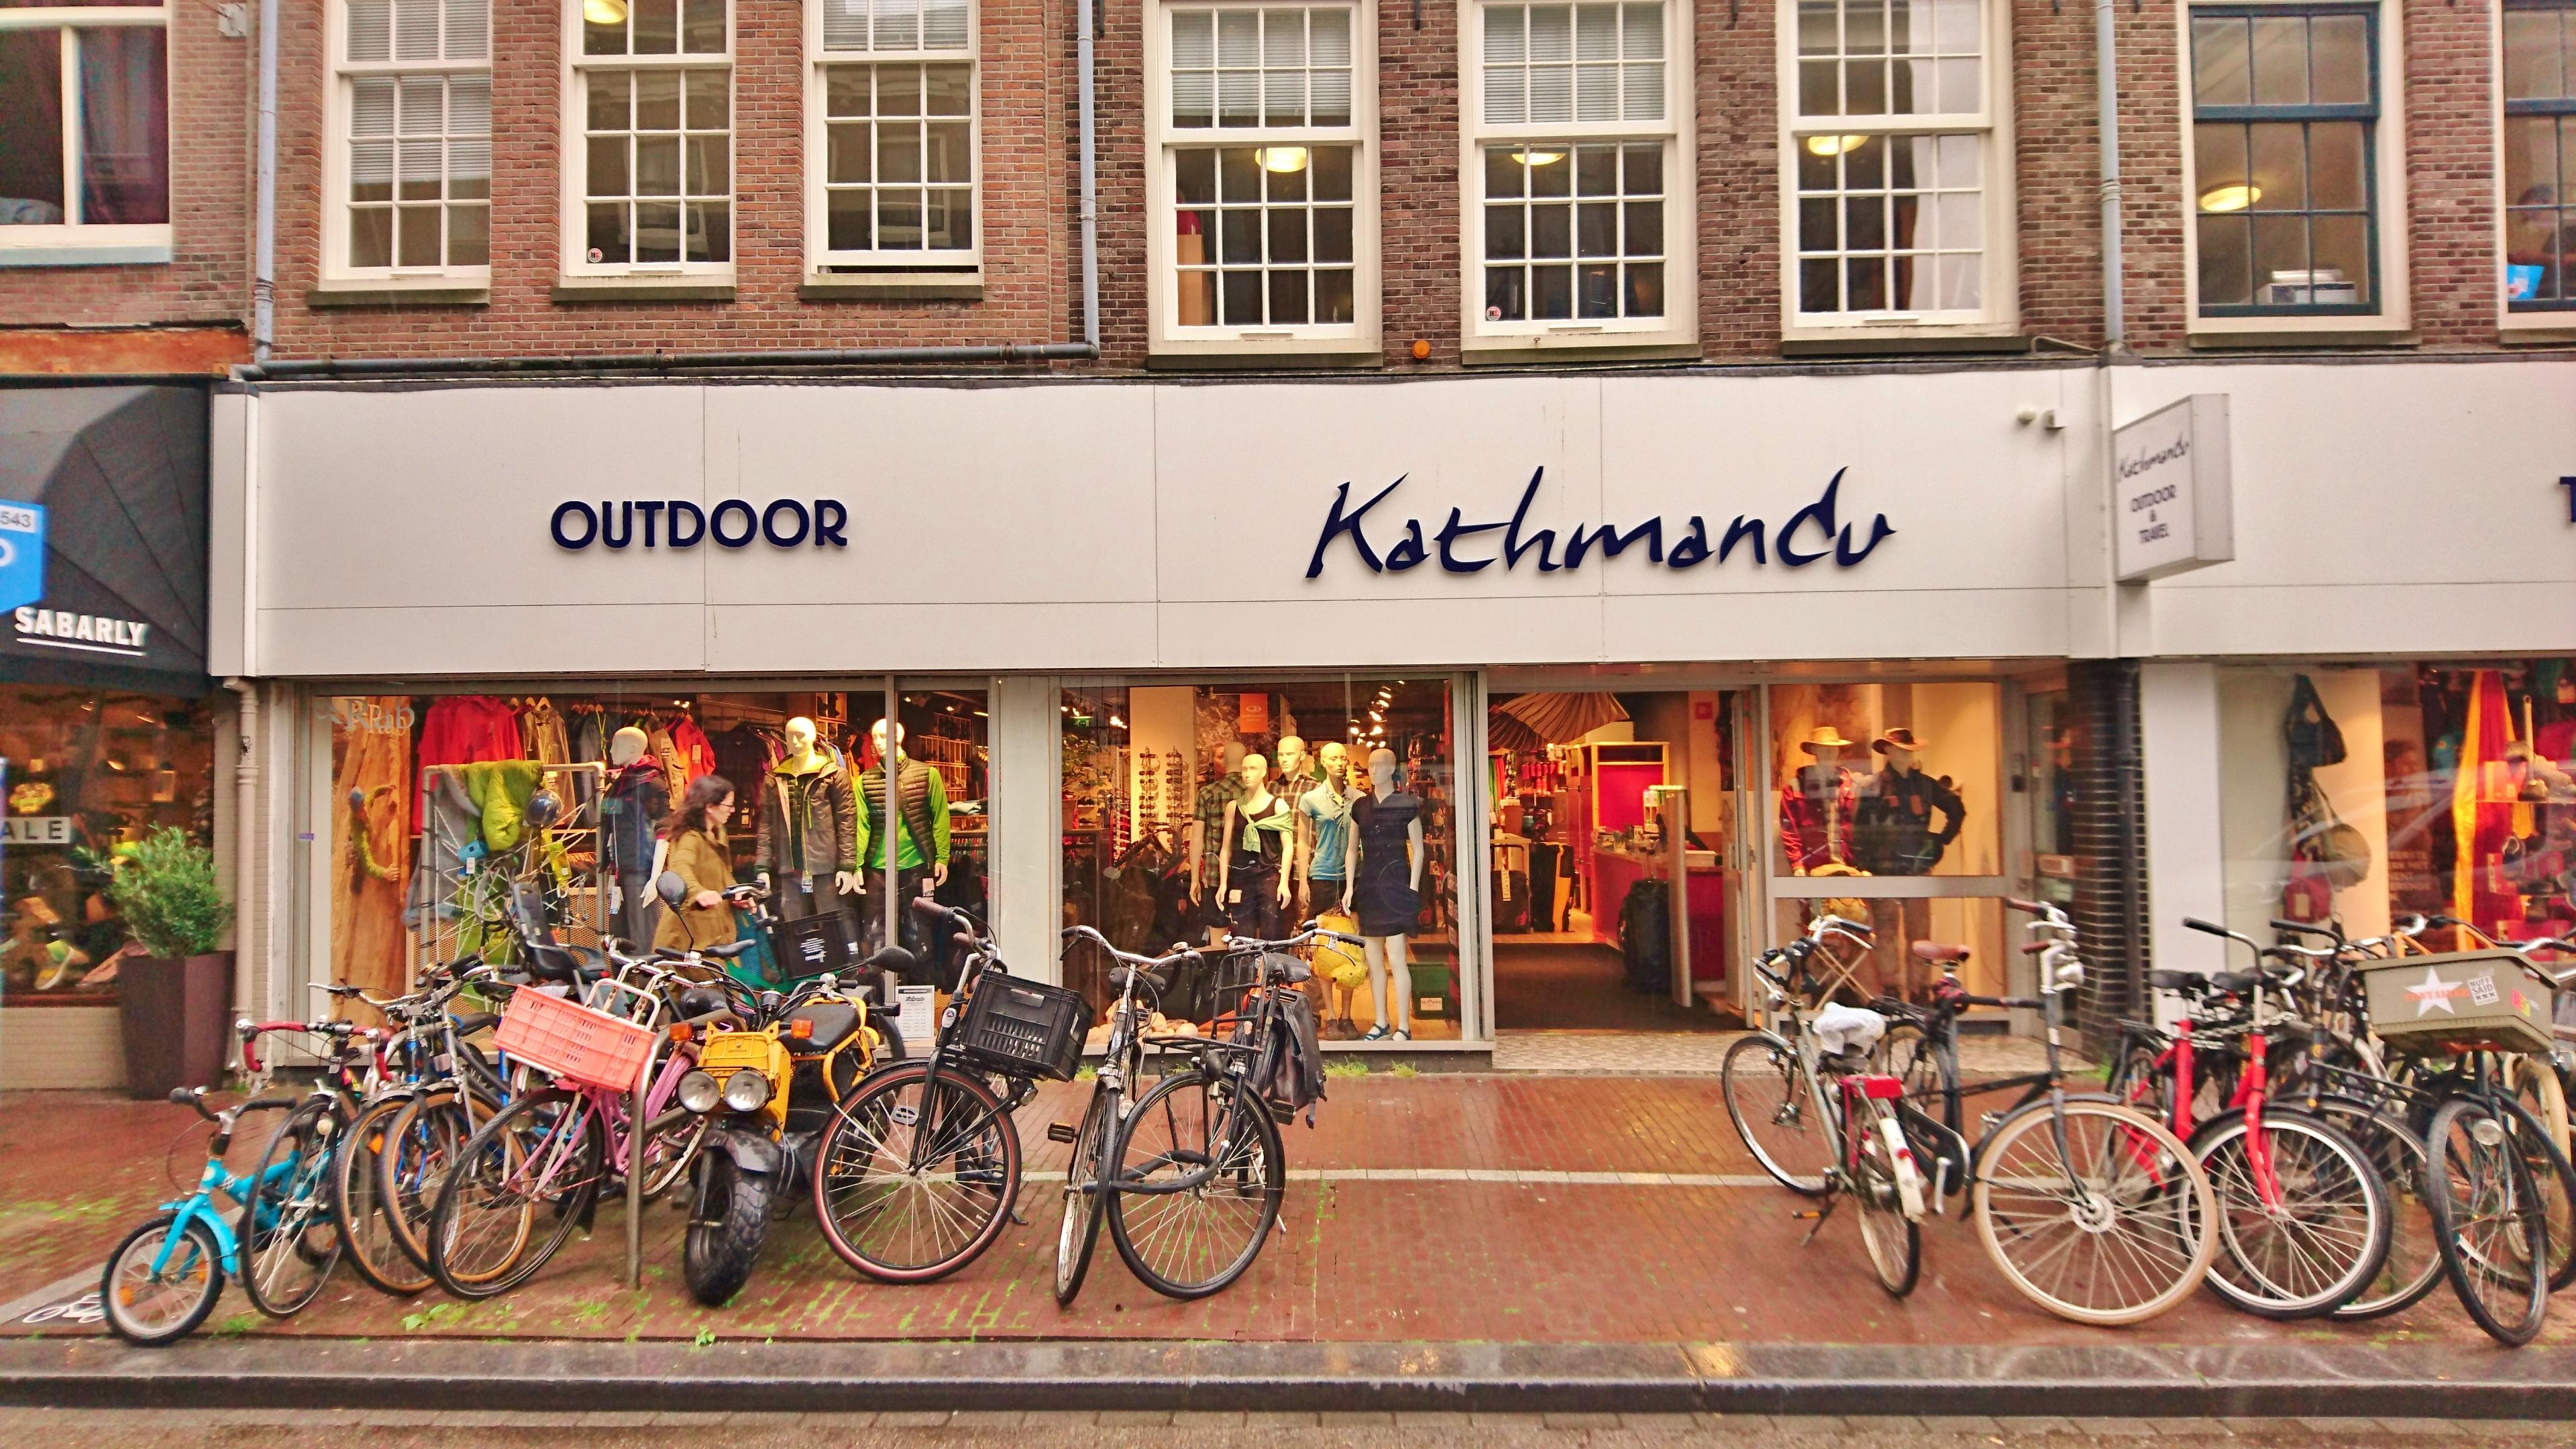 outdoor shop in ams